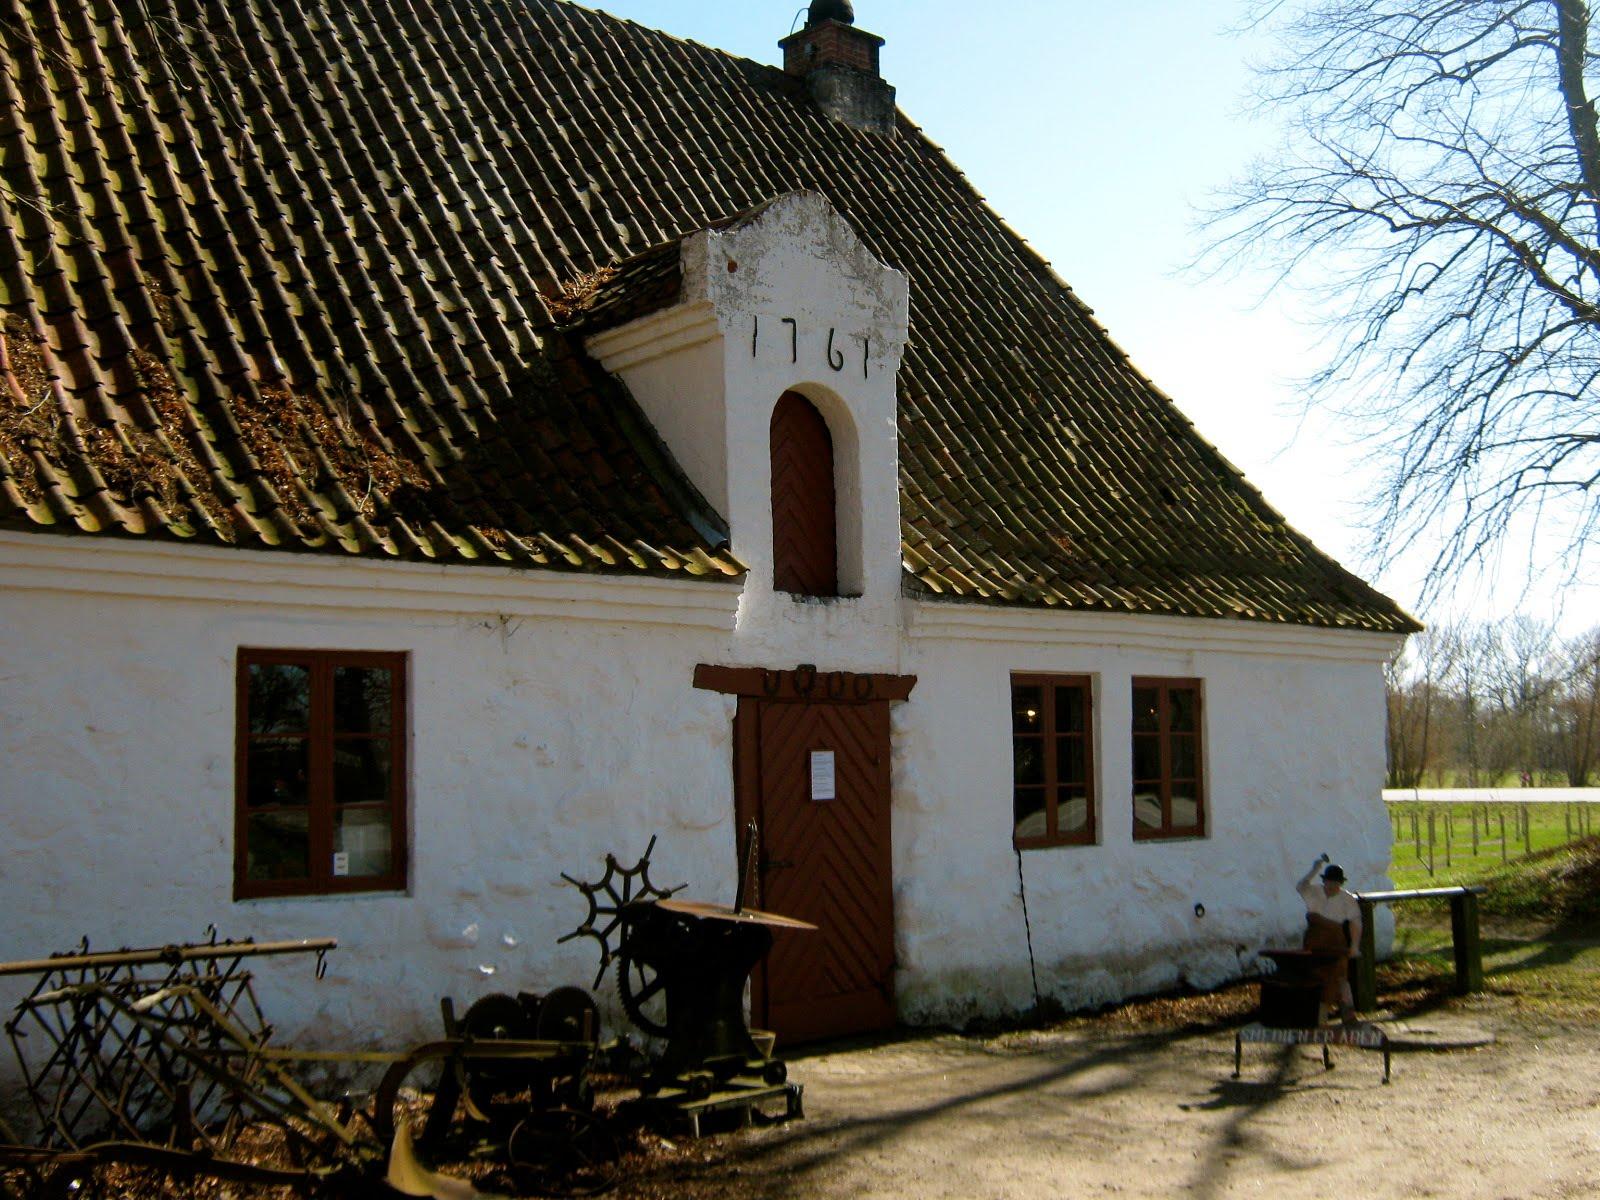 cougar København Gammel Estrup agricultural museum